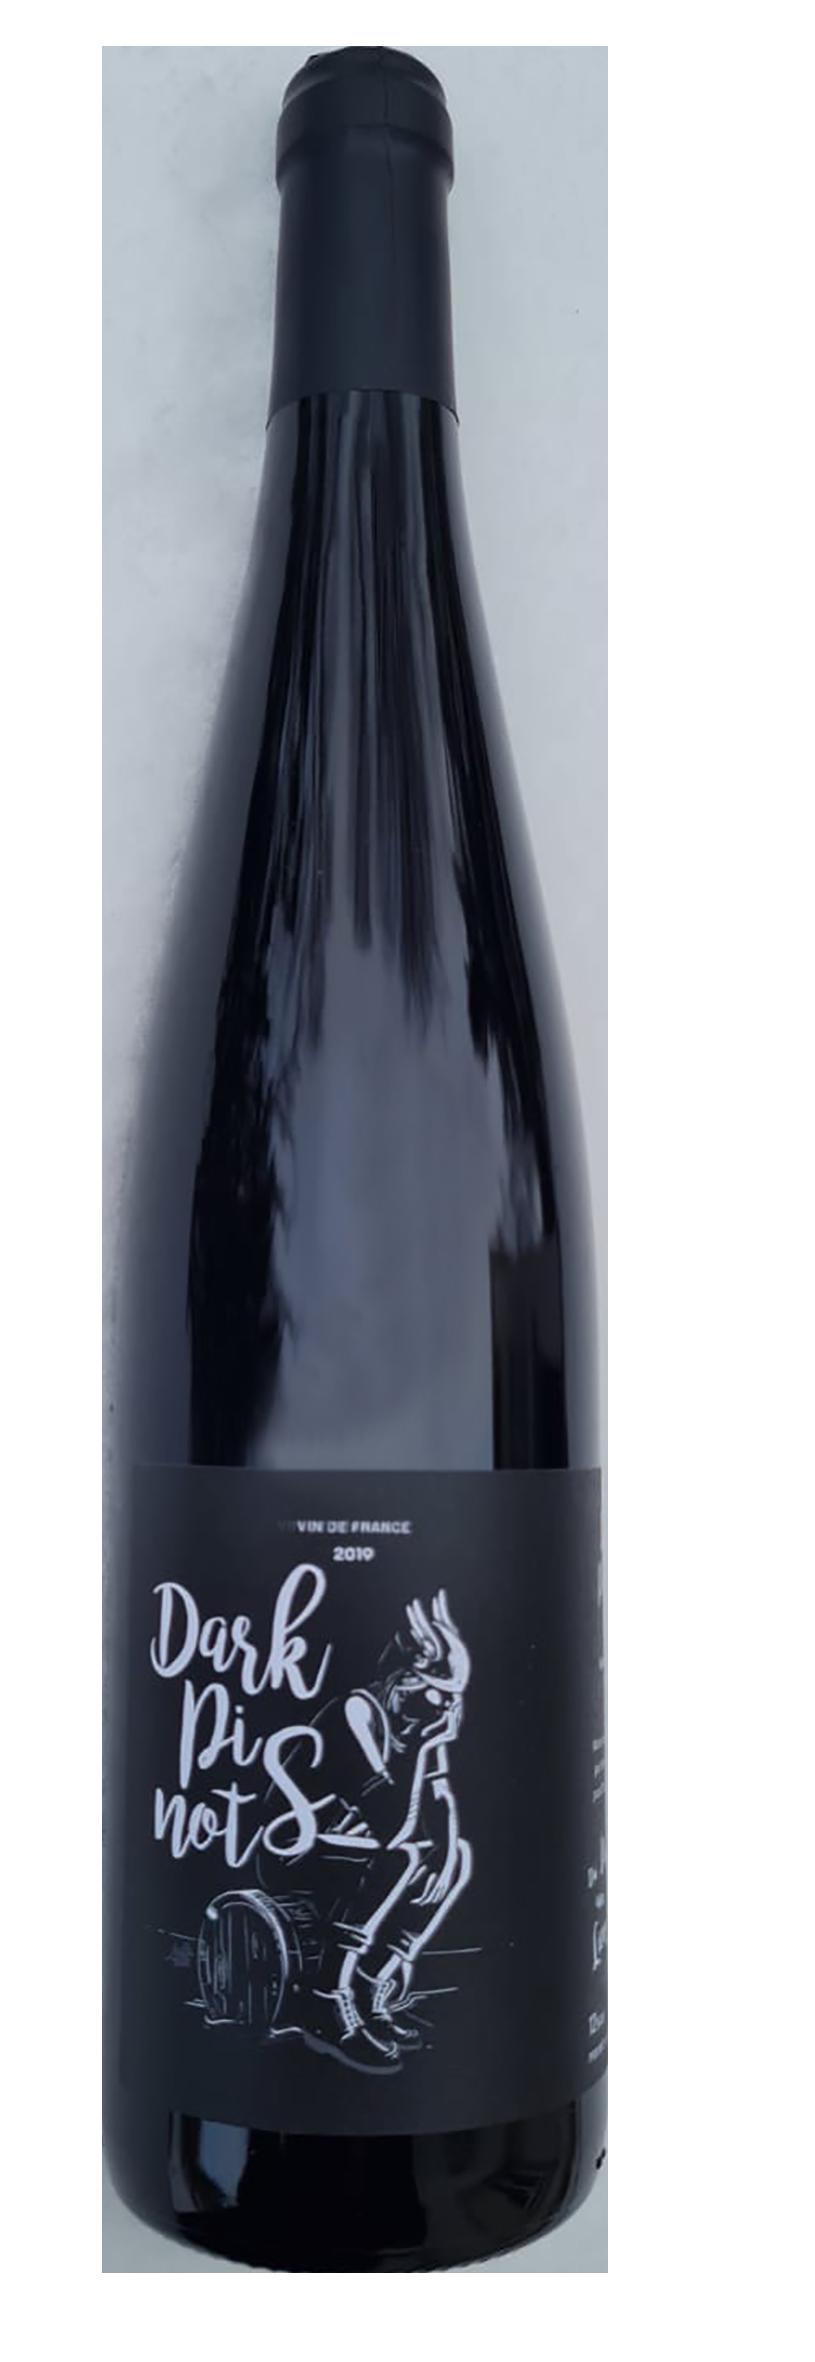 bouteille de vin rouge d'alsace par Du vin aux liens, cofermentation de 80% de Pinot Noir et de 20% de Pinot Gris